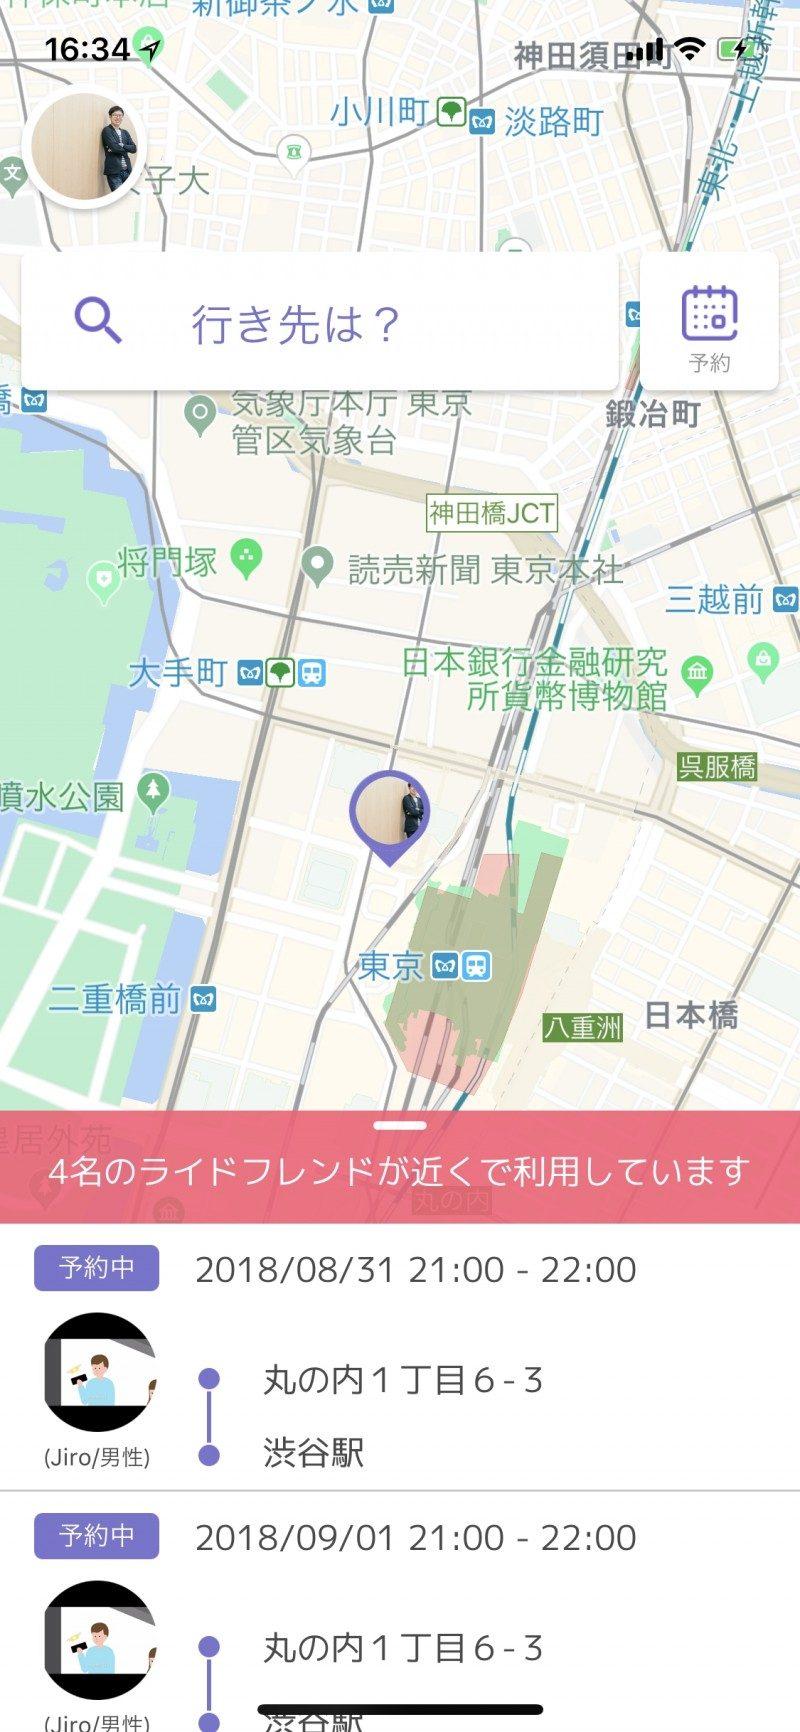 タクシー相乗りアプリ「nearMe.」4